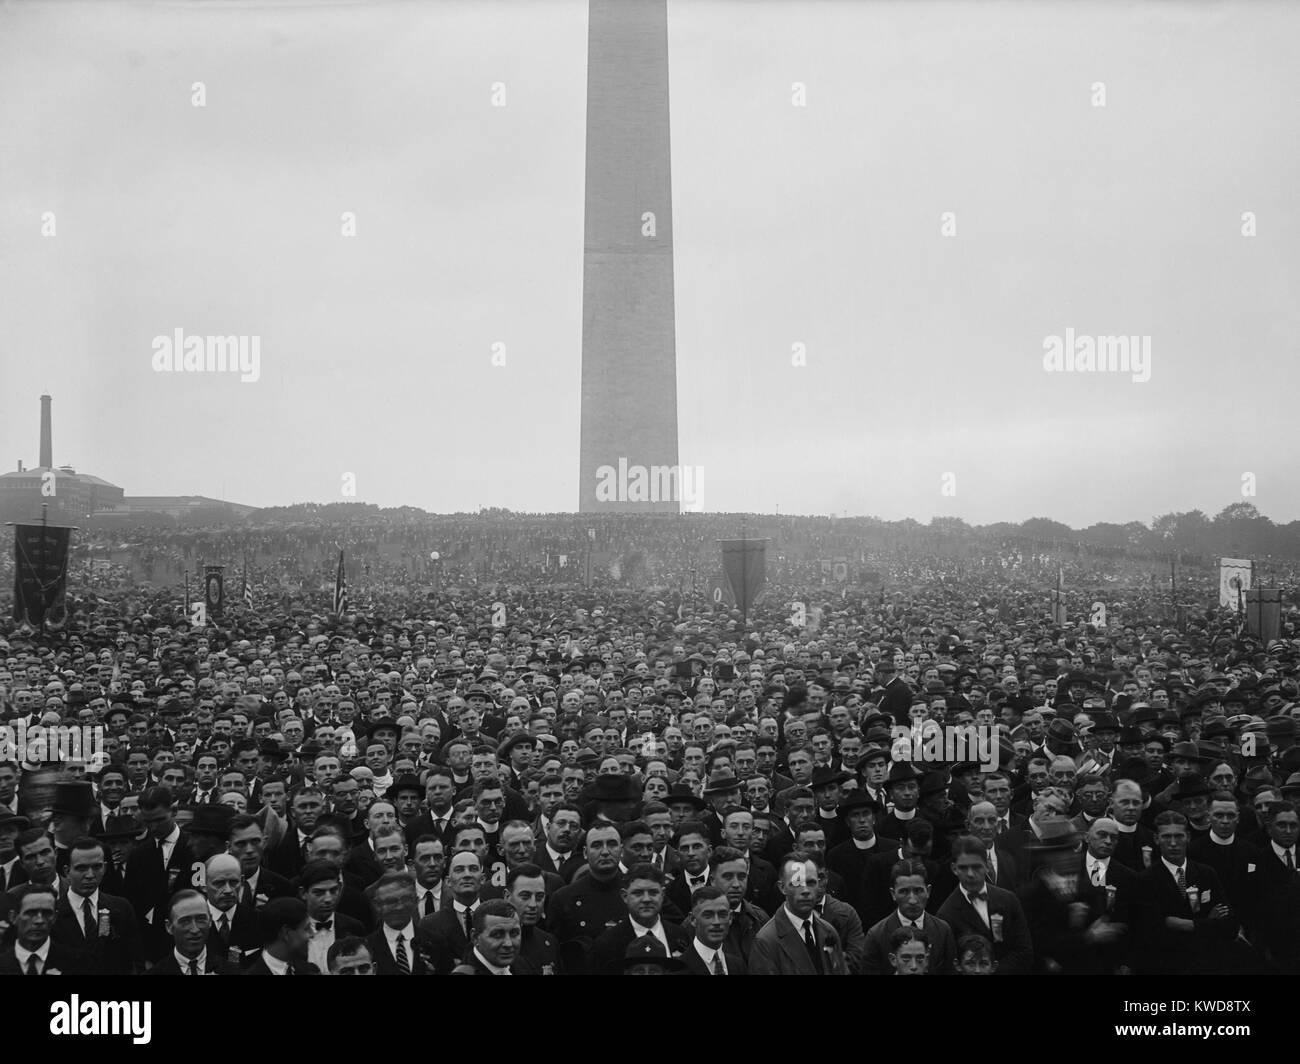 1 500 000 200 000 du saint Nom les hommes qui ont pris part à une parade de Washington, D.C.. Sur 21 Sept, Photo Stock